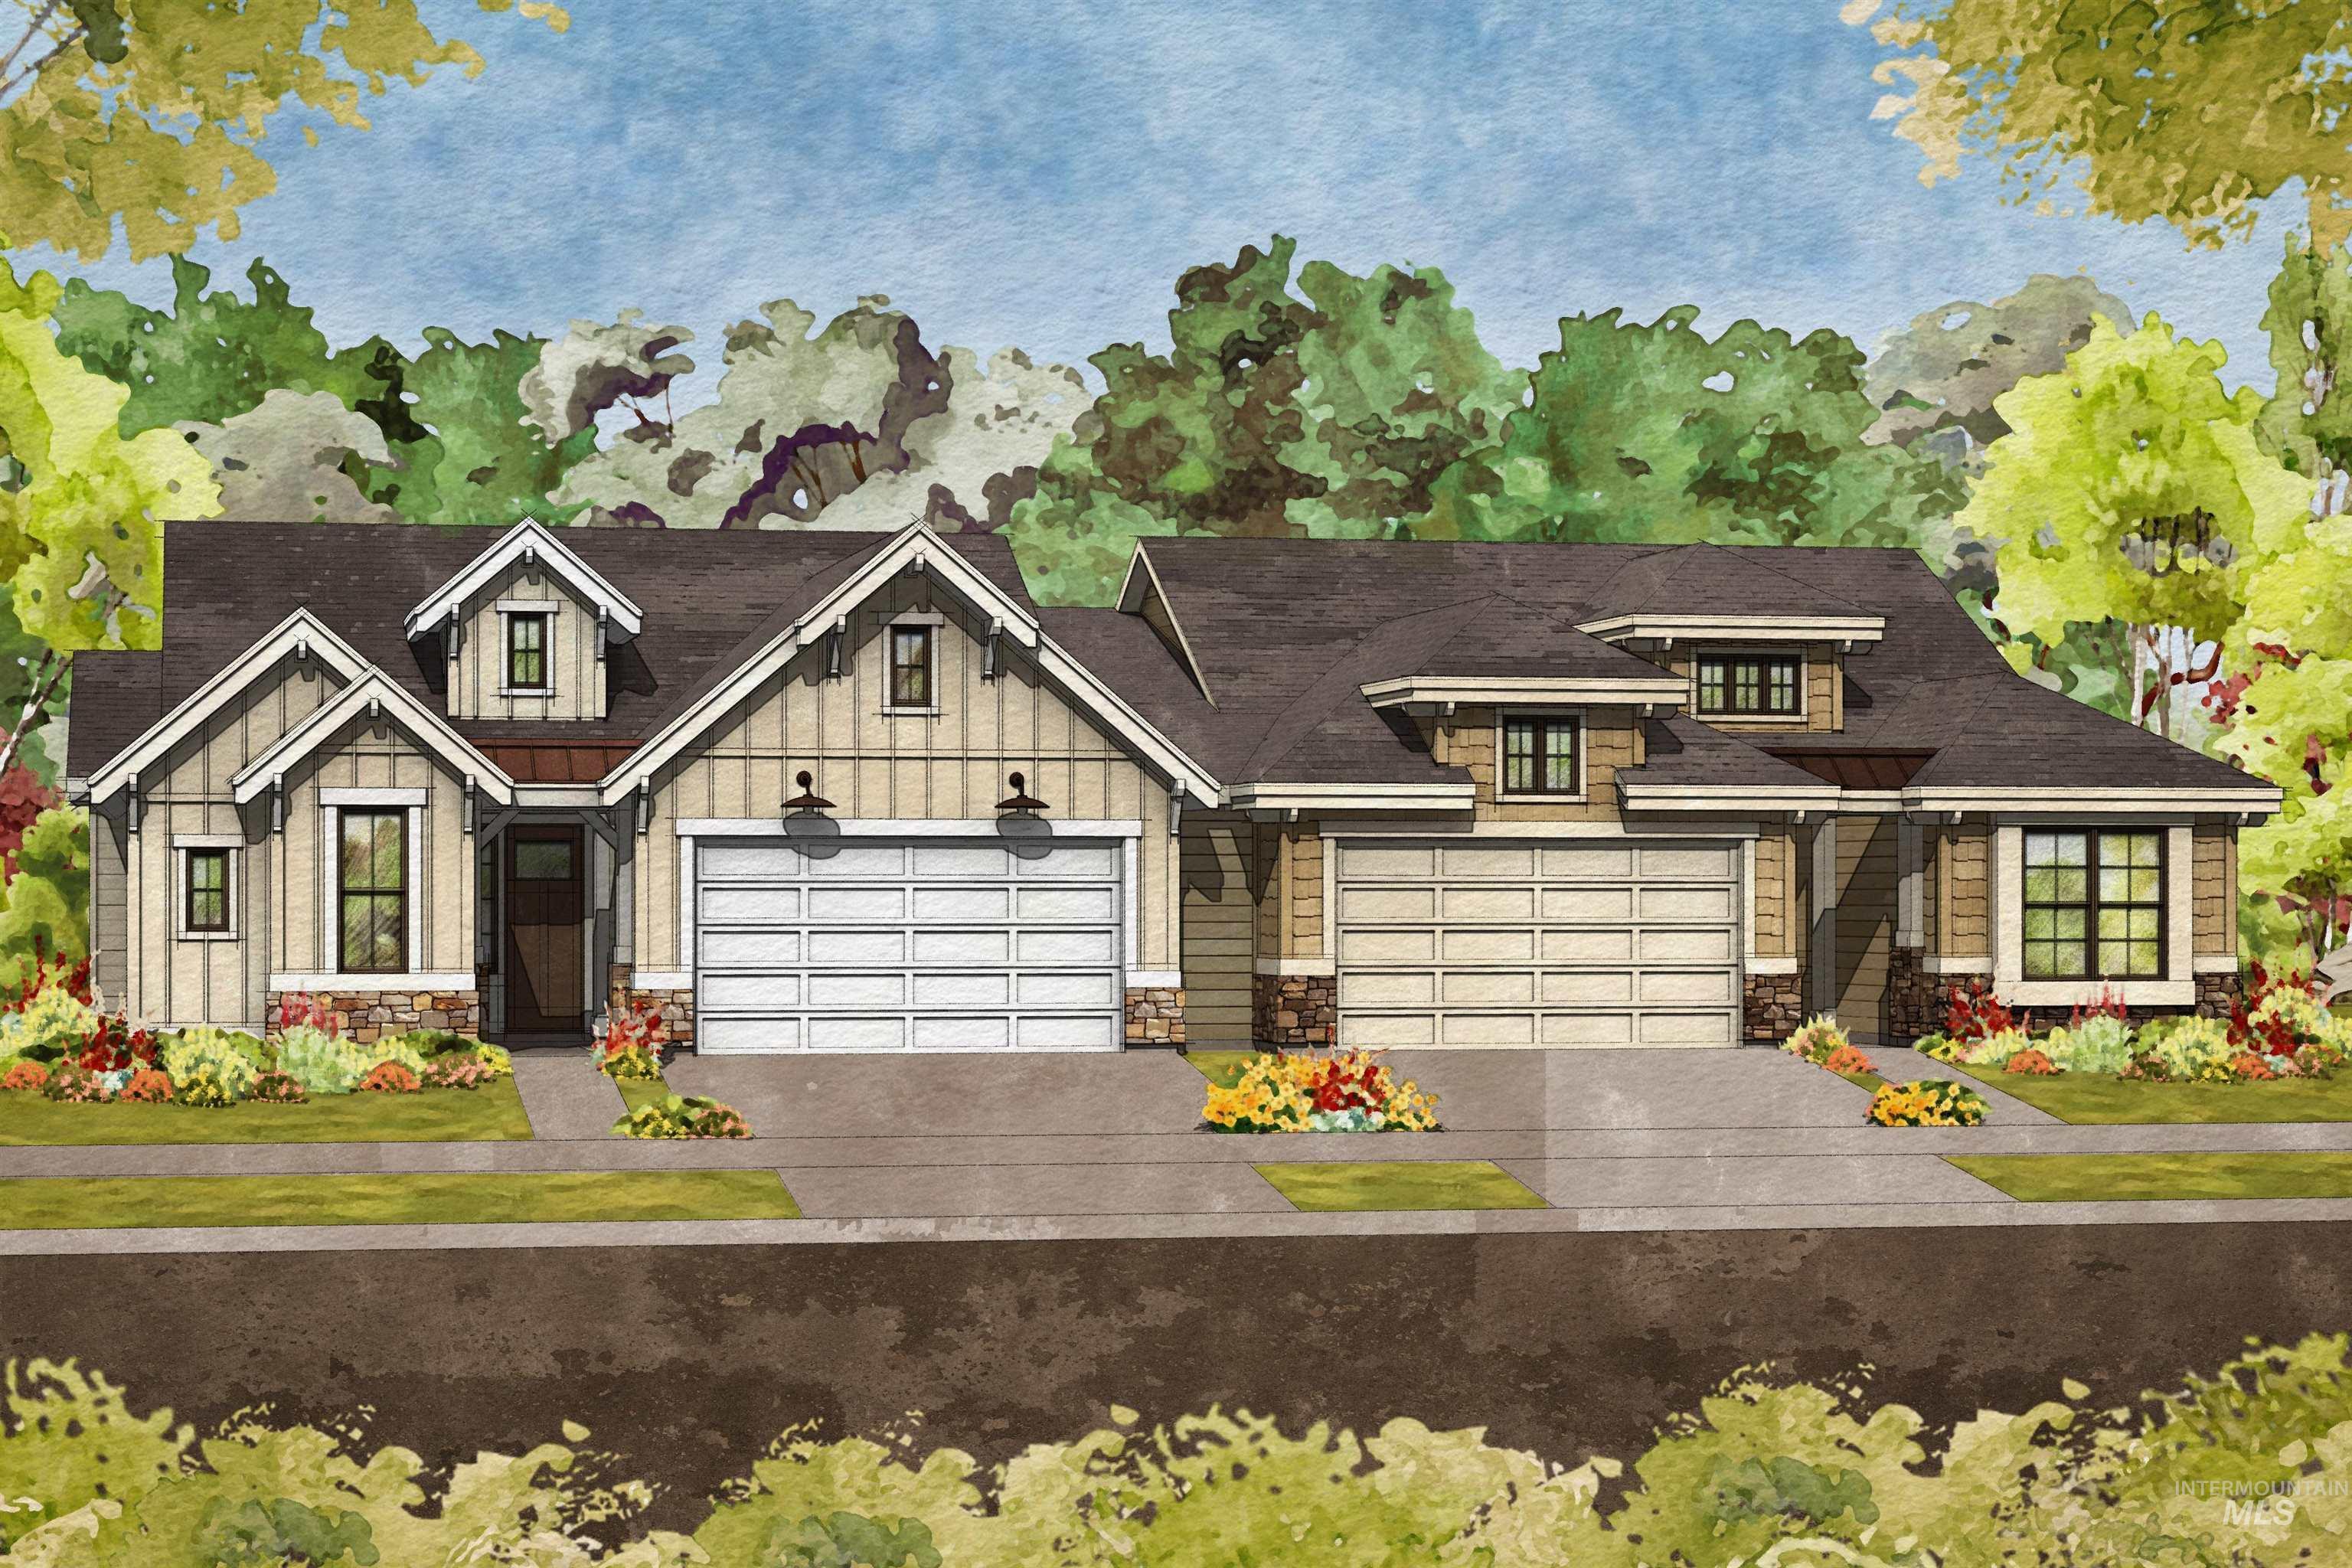 3872 W. Silver River Ln Property Photo